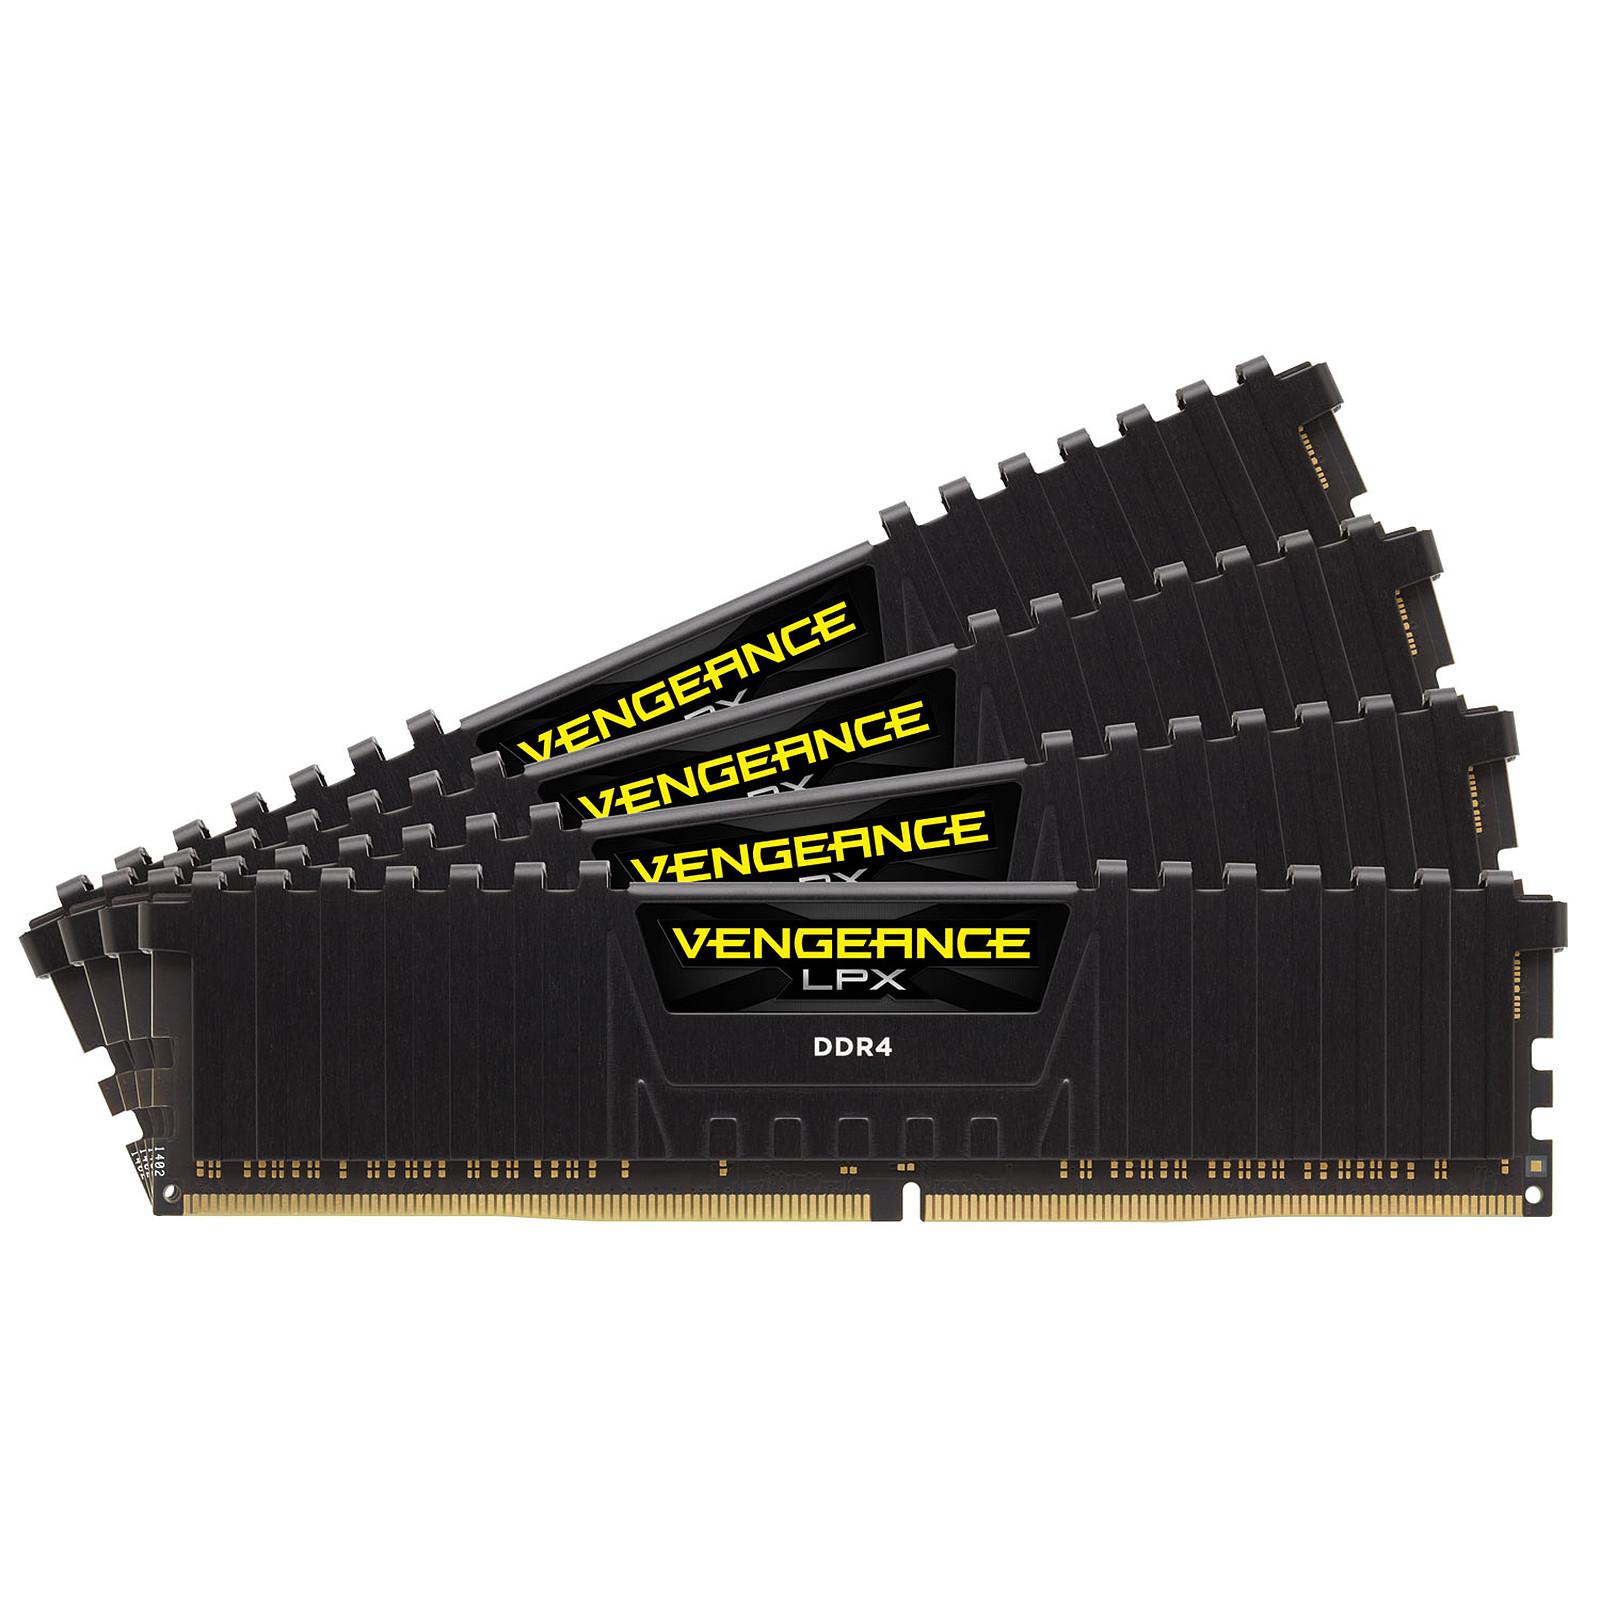 Corsair Vengeance LPX Series Low Profile 32 Go (4x 8 Go) DDR4 2400 MHz CL12